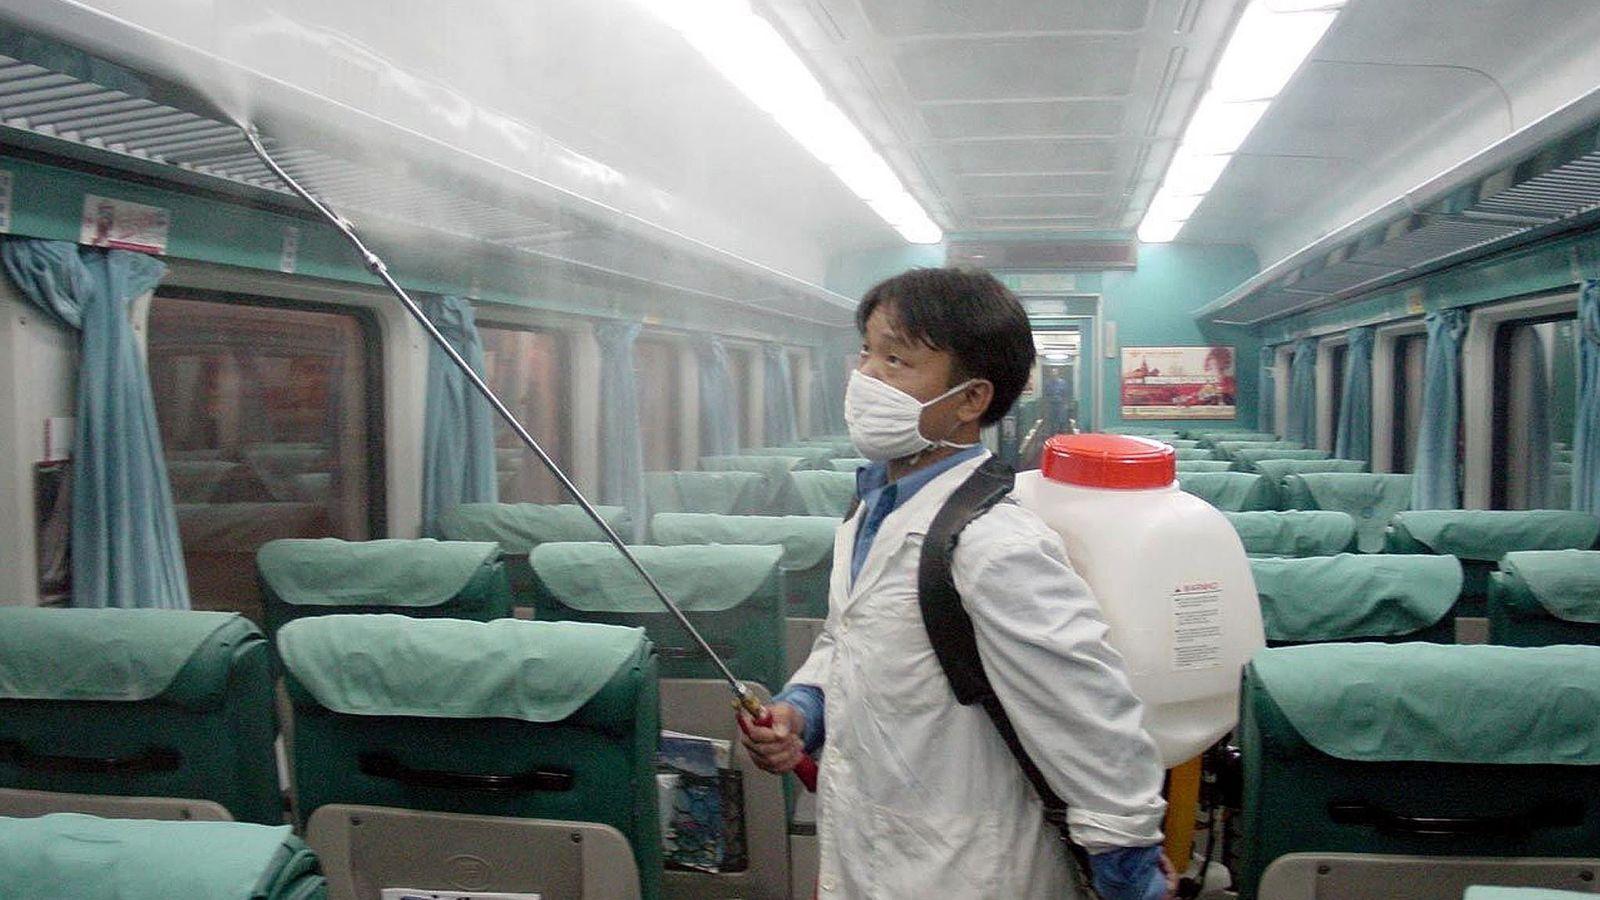 Coronavirus: China schottet Wuhan ab - WHO noch zurückhaltend